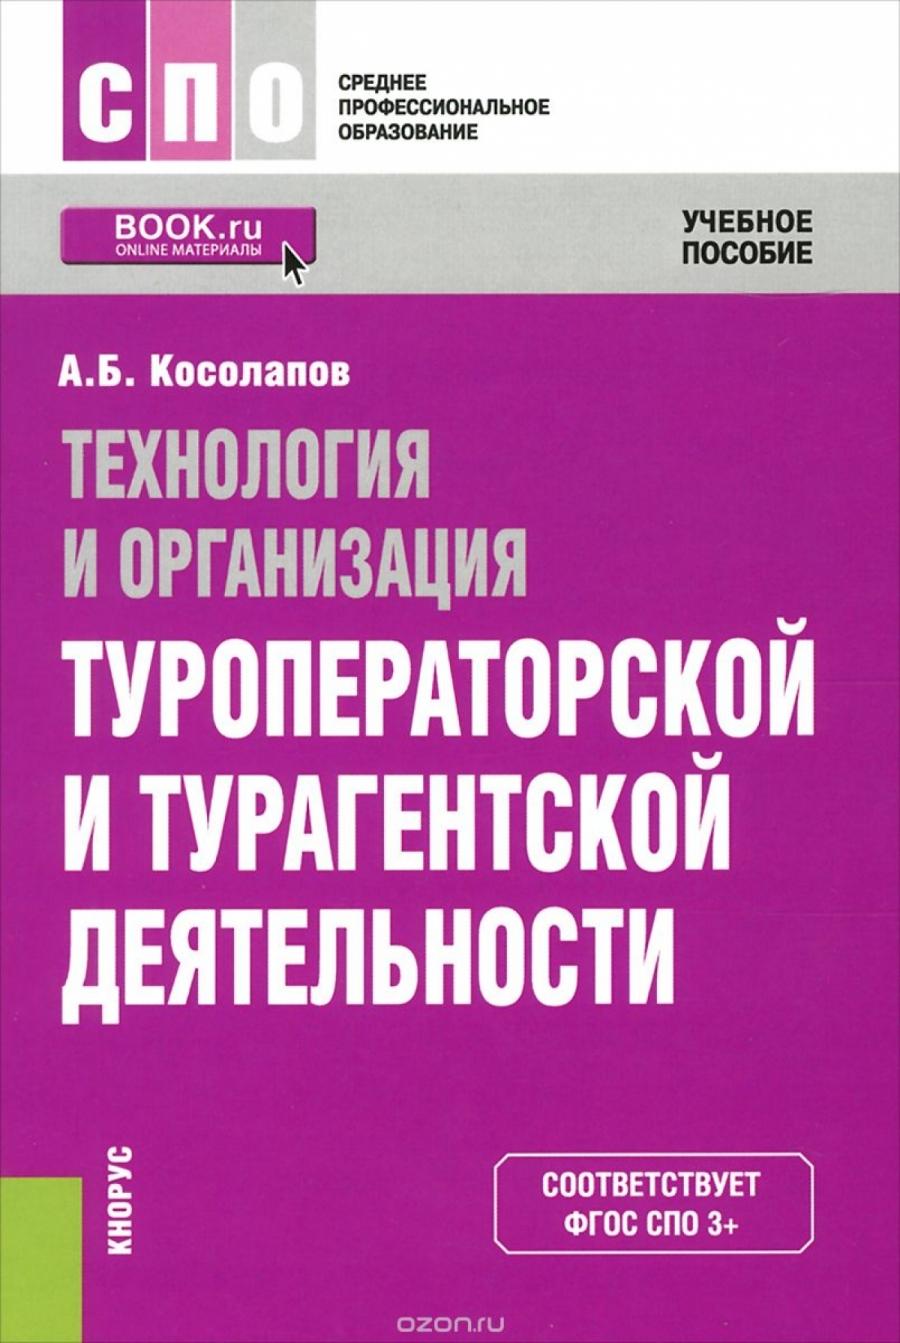 Обложка книги:  косолапов а.в. - технология и организация туроператорской и турагентской деятельности